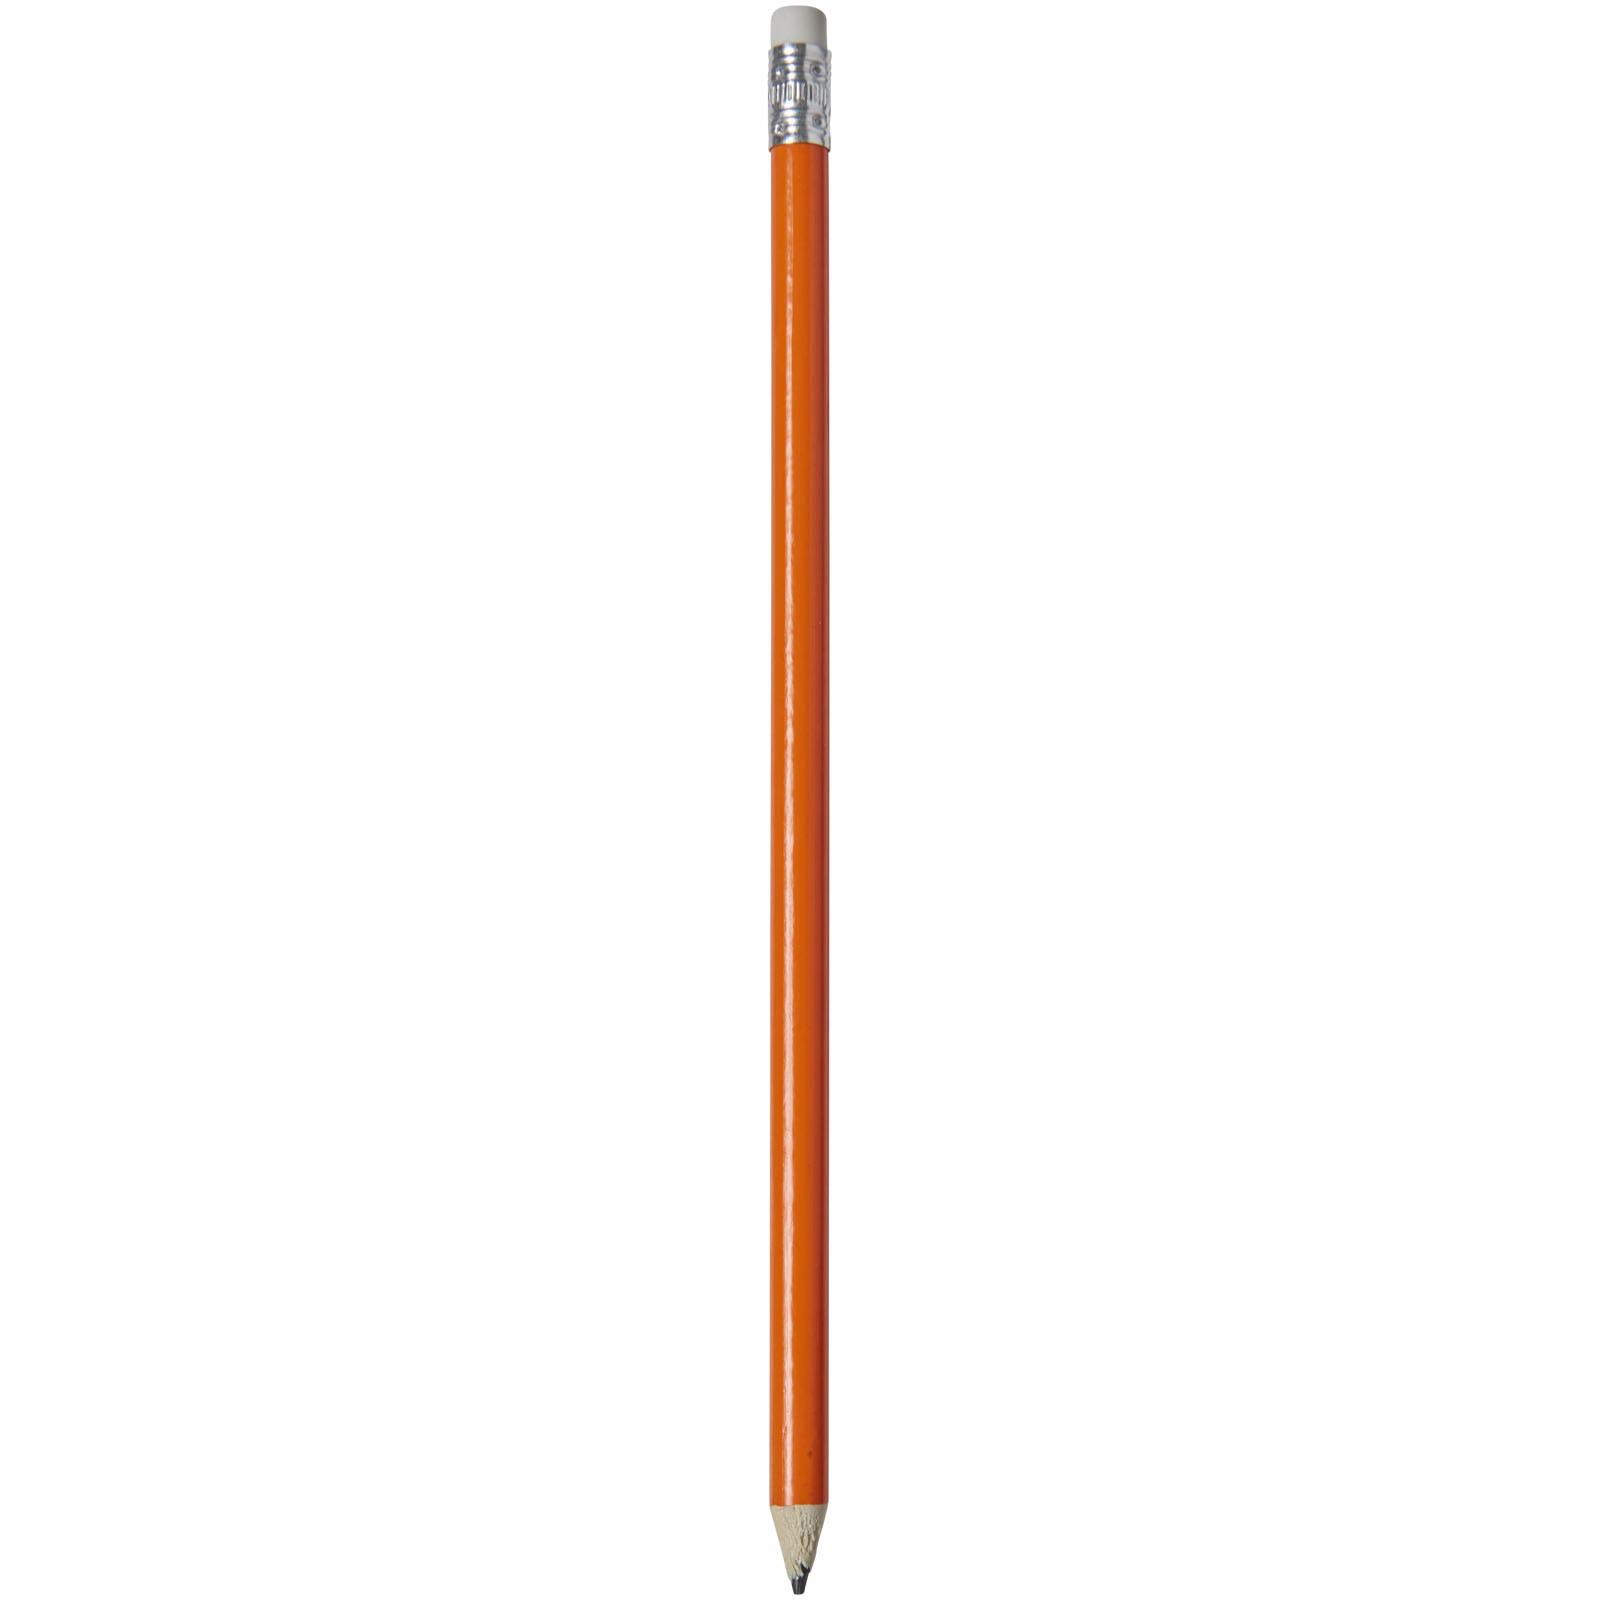 Ołówek z kolorowym korpusem Alegra - Pomarańczowy